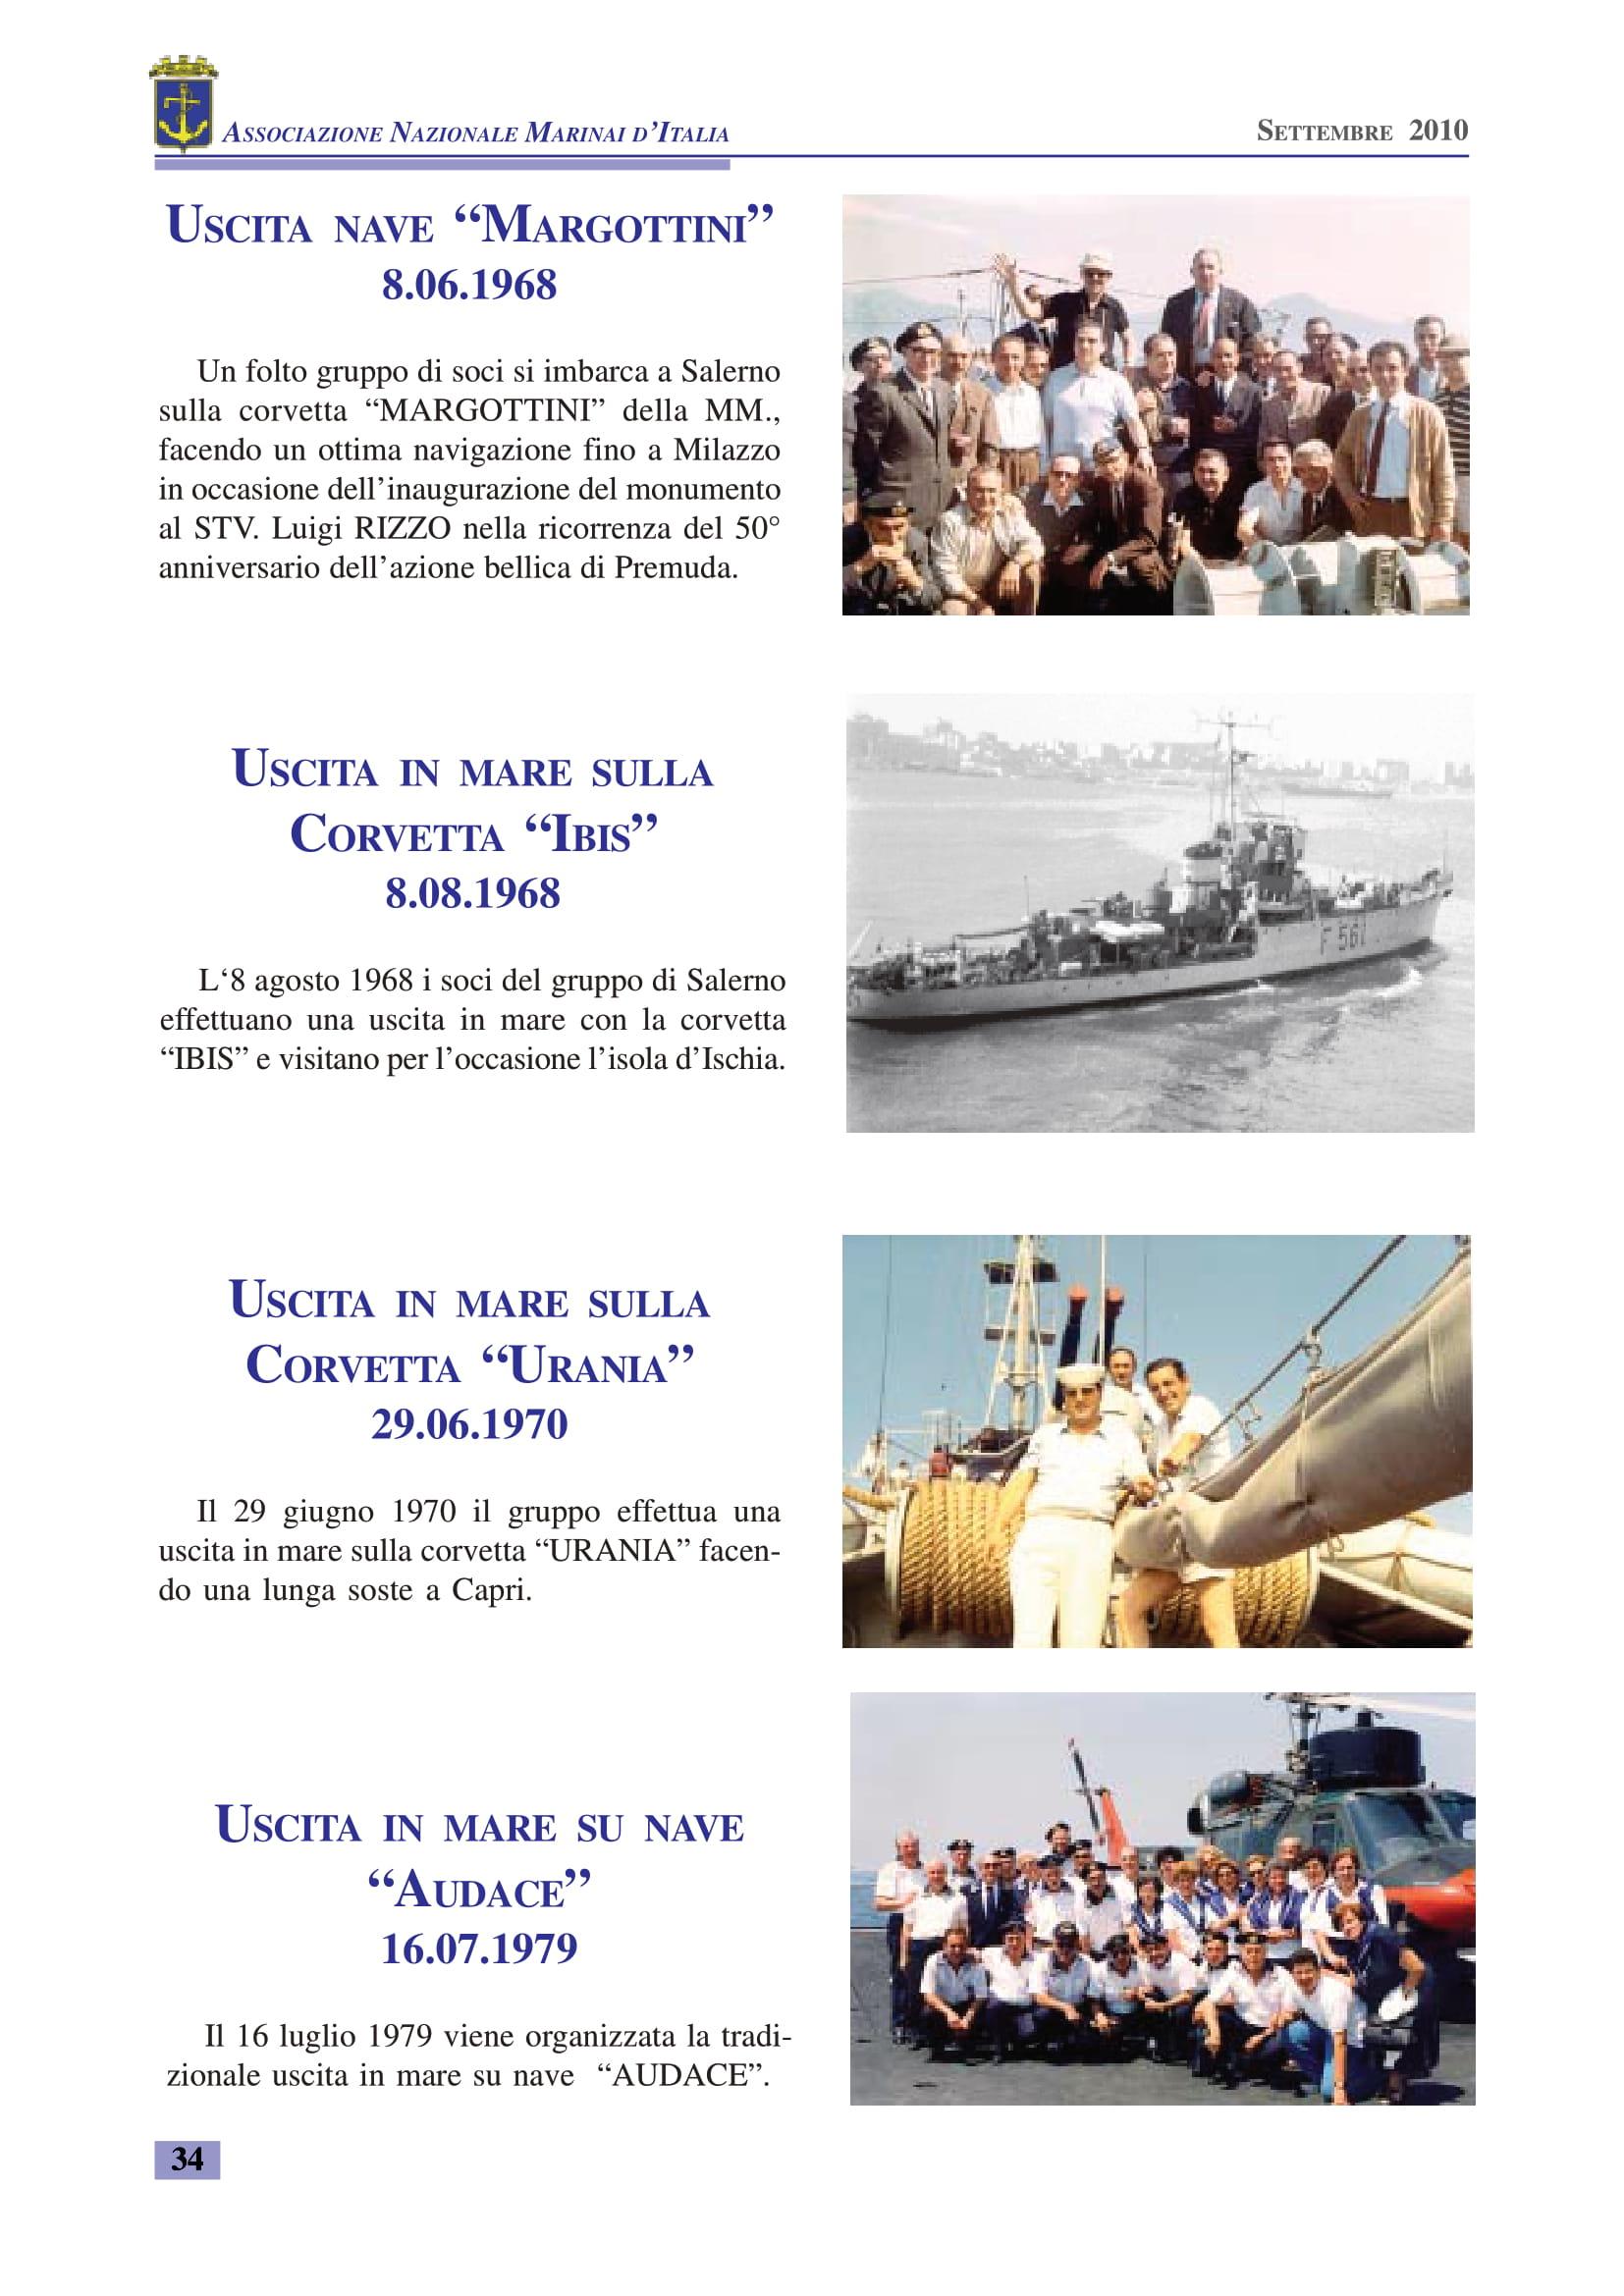 Ass. marinai-34